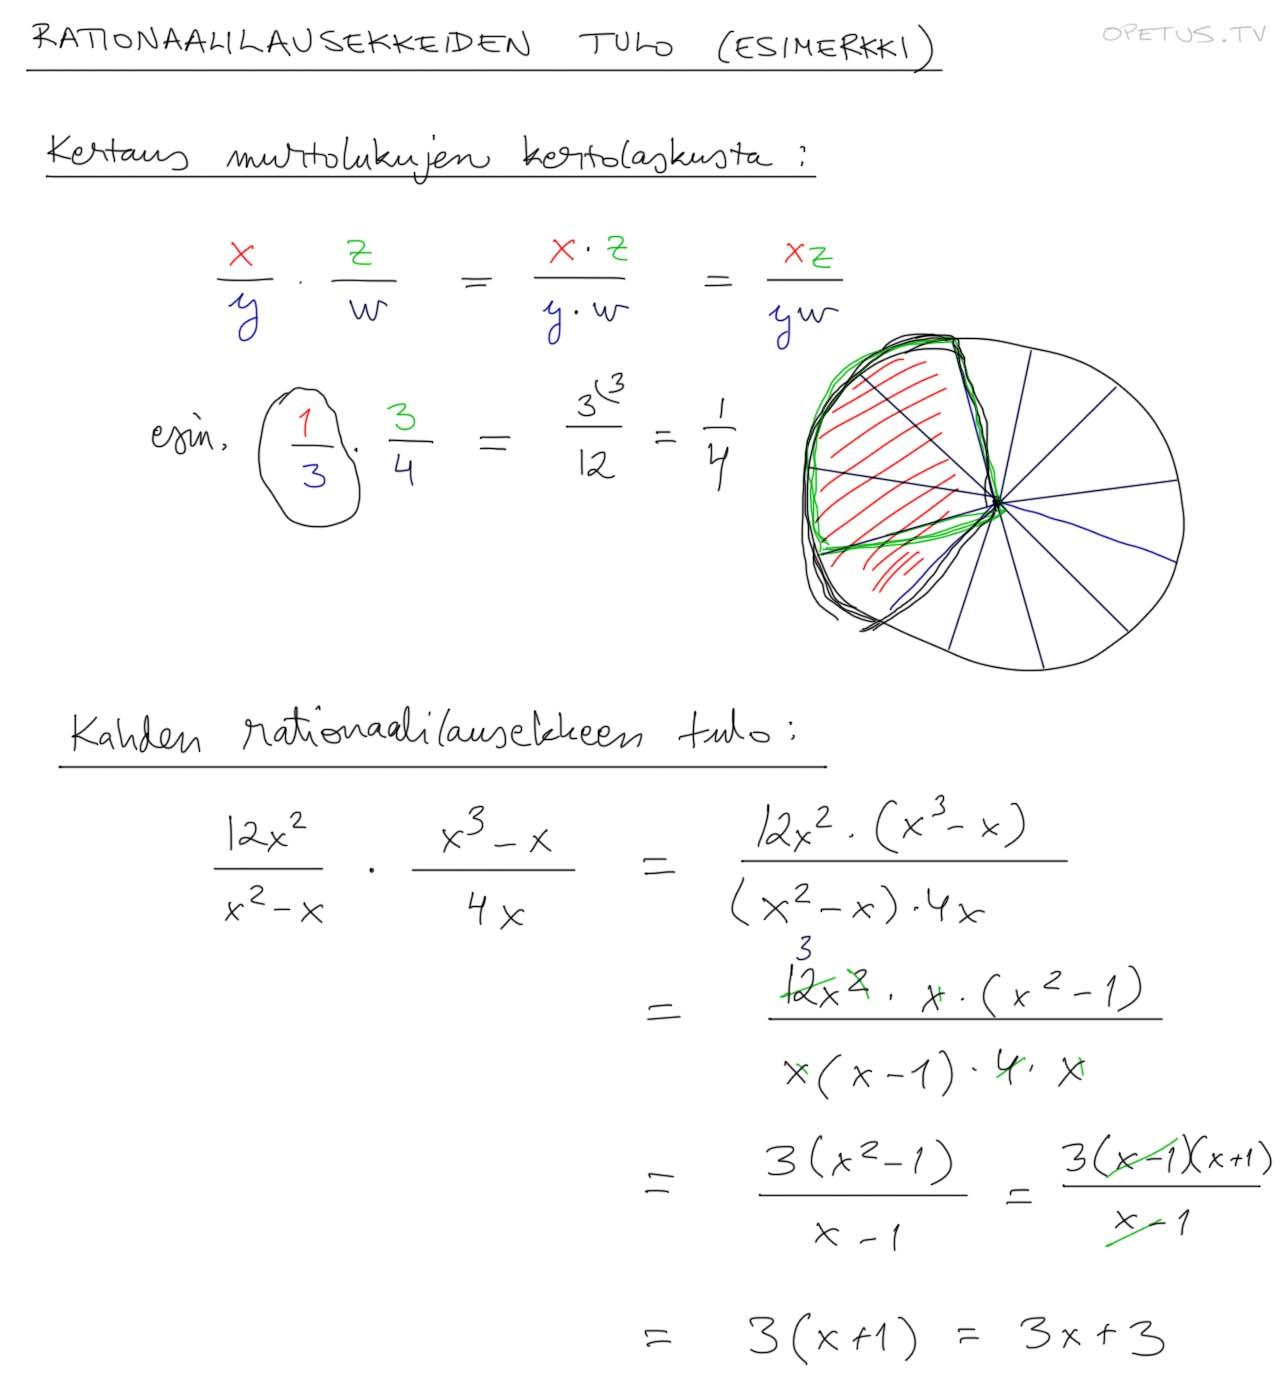 Tulo Matematiikka